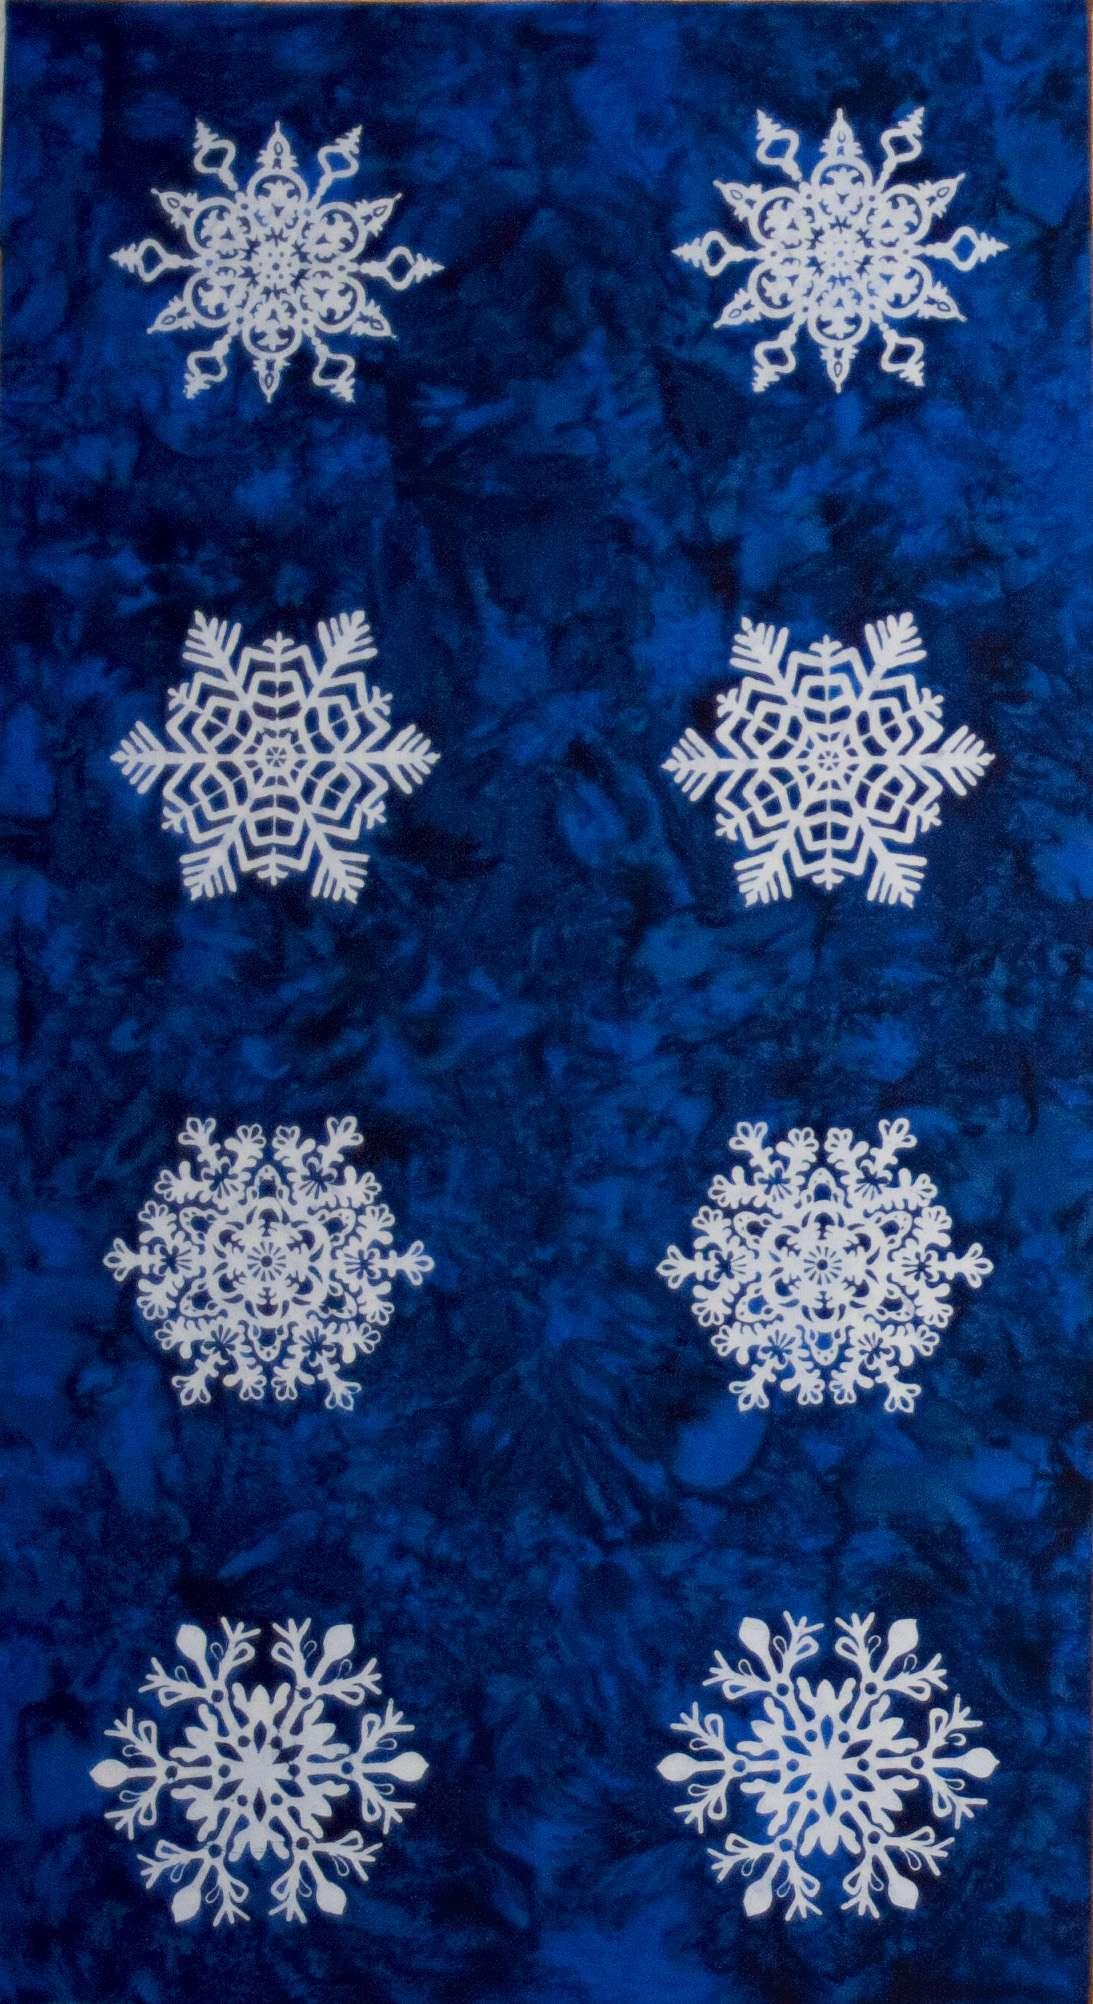 X799 Bali Snowflakes - Blueberry